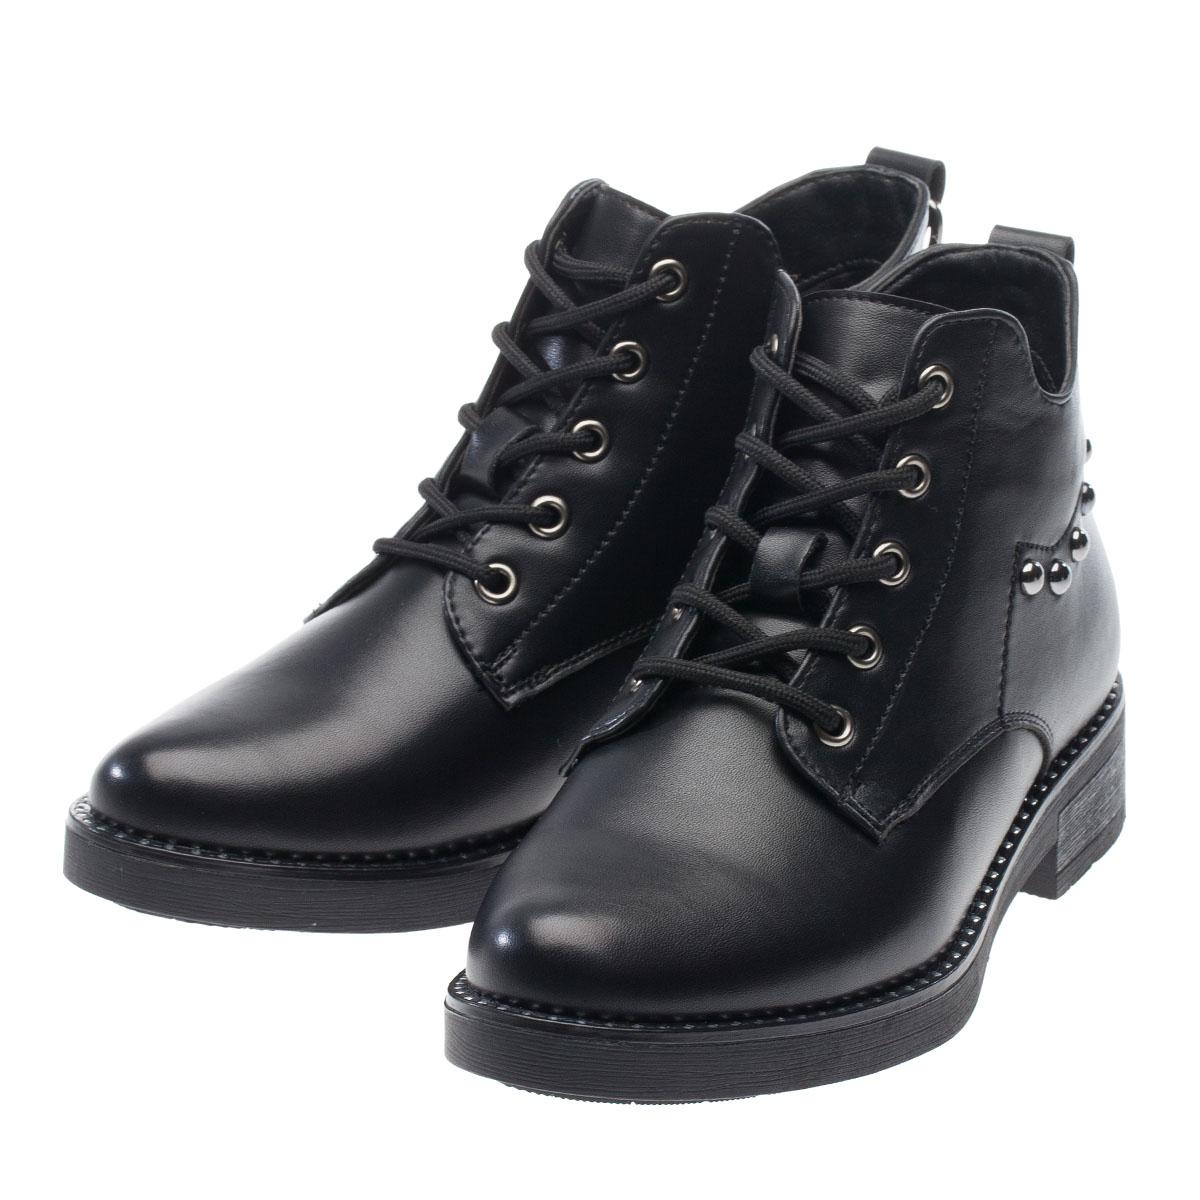 Фото - Ботинки демисезонные FERTO, D18-60726 ботинки демисезонные ferto skl 008